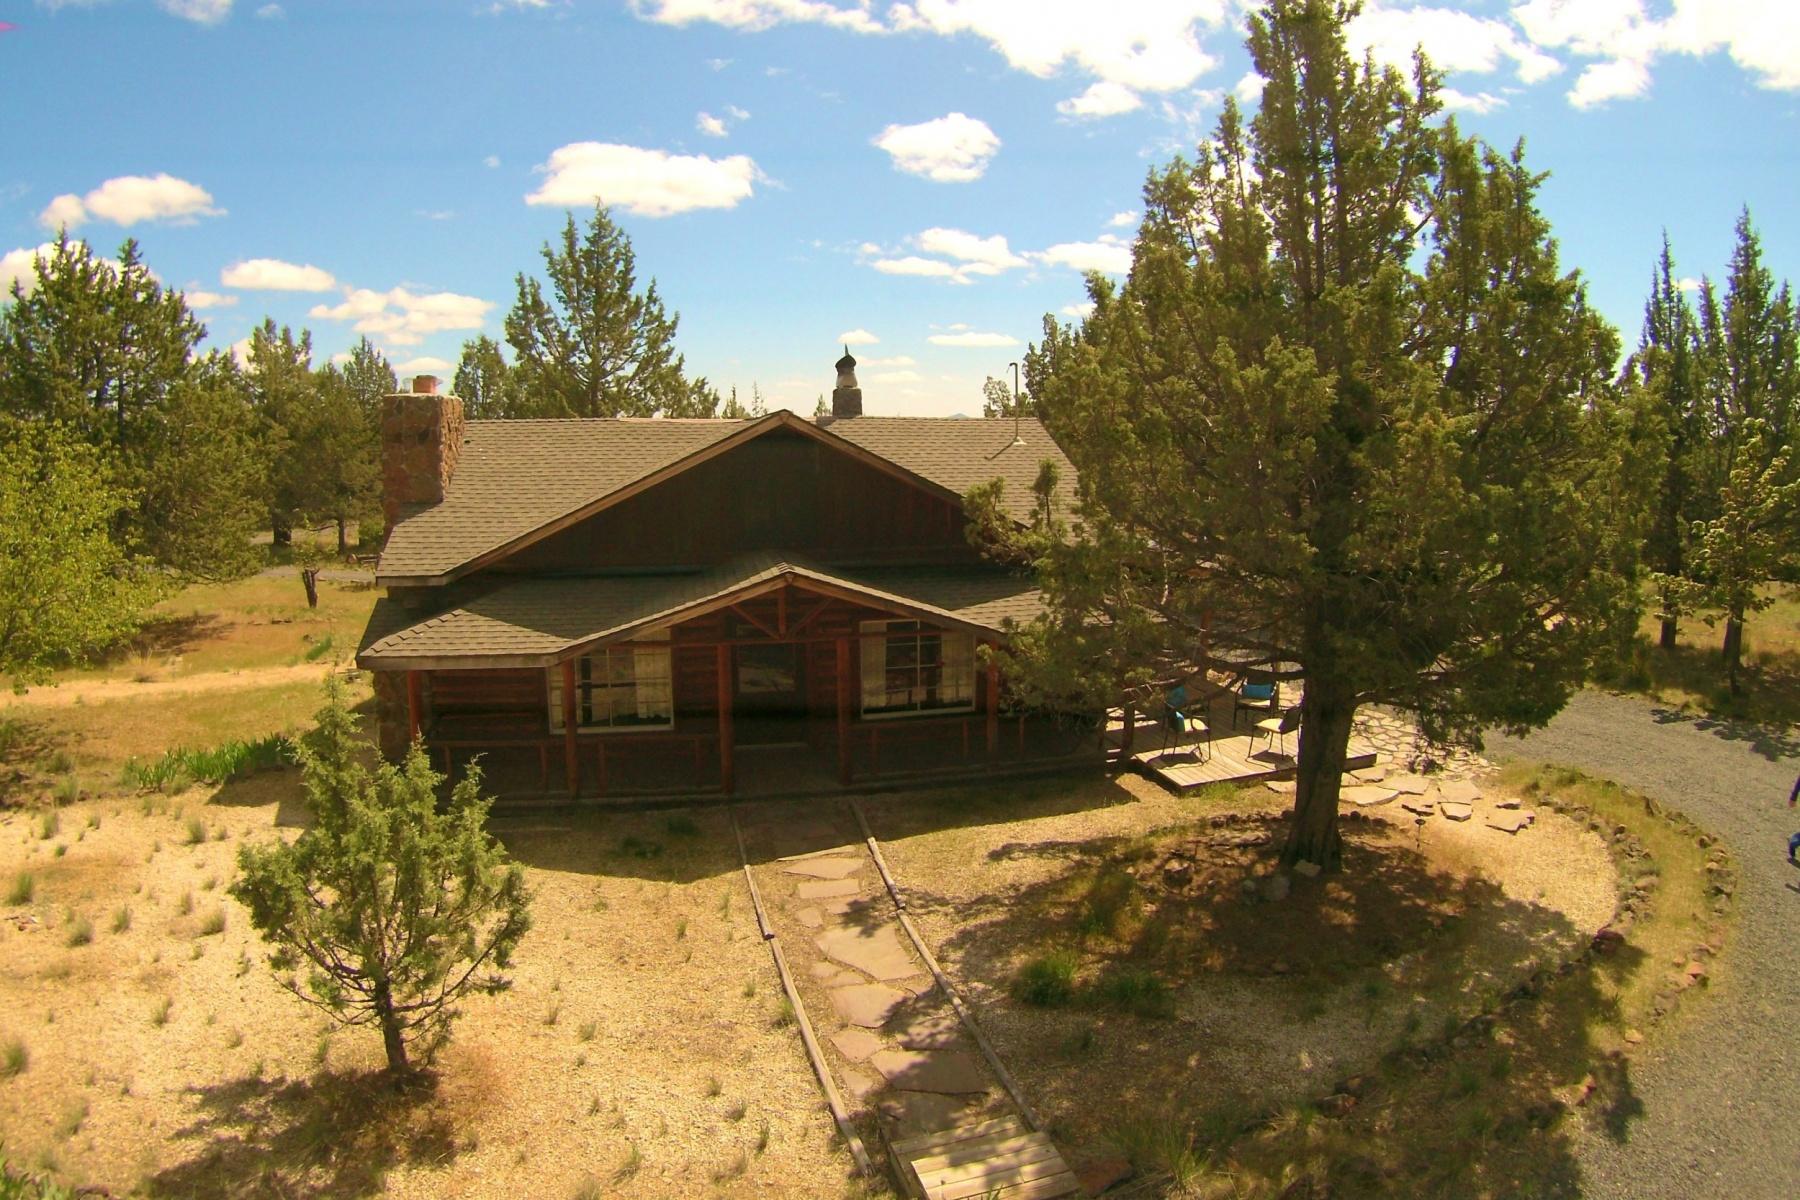 Einfamilienhaus für Verkauf beim Lake Billy Chinook Log Cabin w Pvt Lake Access 6212 SW Prospect View Dr Culver, Oregon, 97734 Vereinigte Staaten